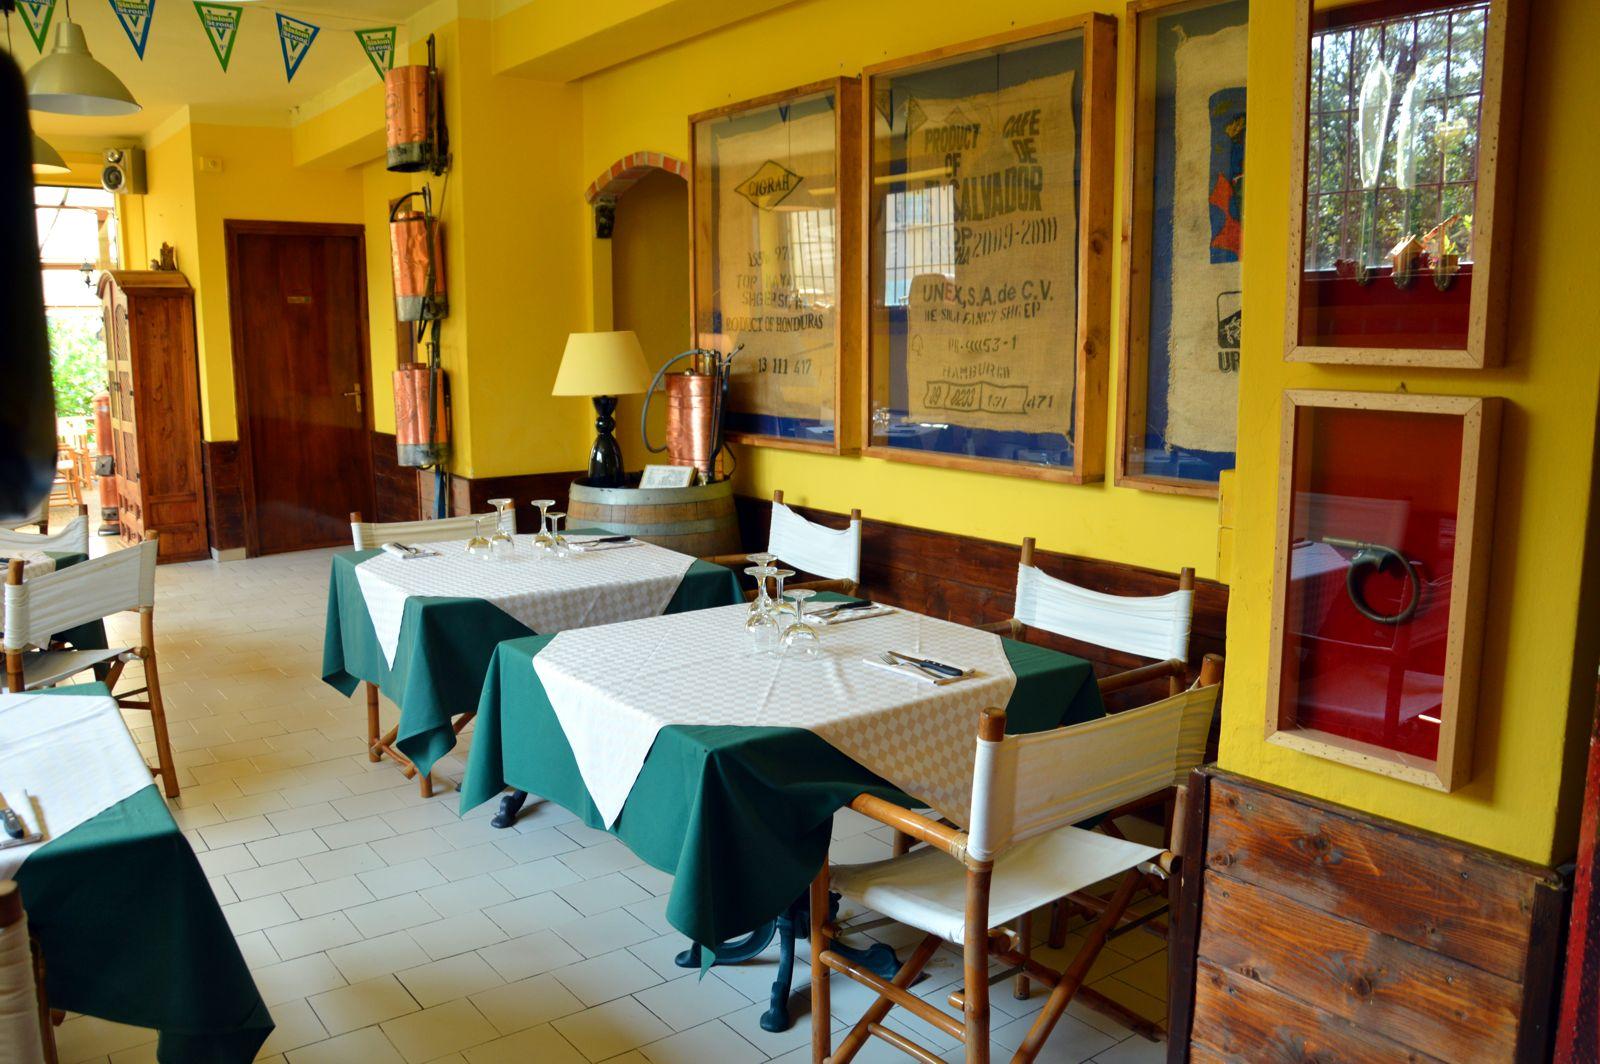 La cucina - Ristorante la Vecchia Posta - Specialità pesce - Lucca